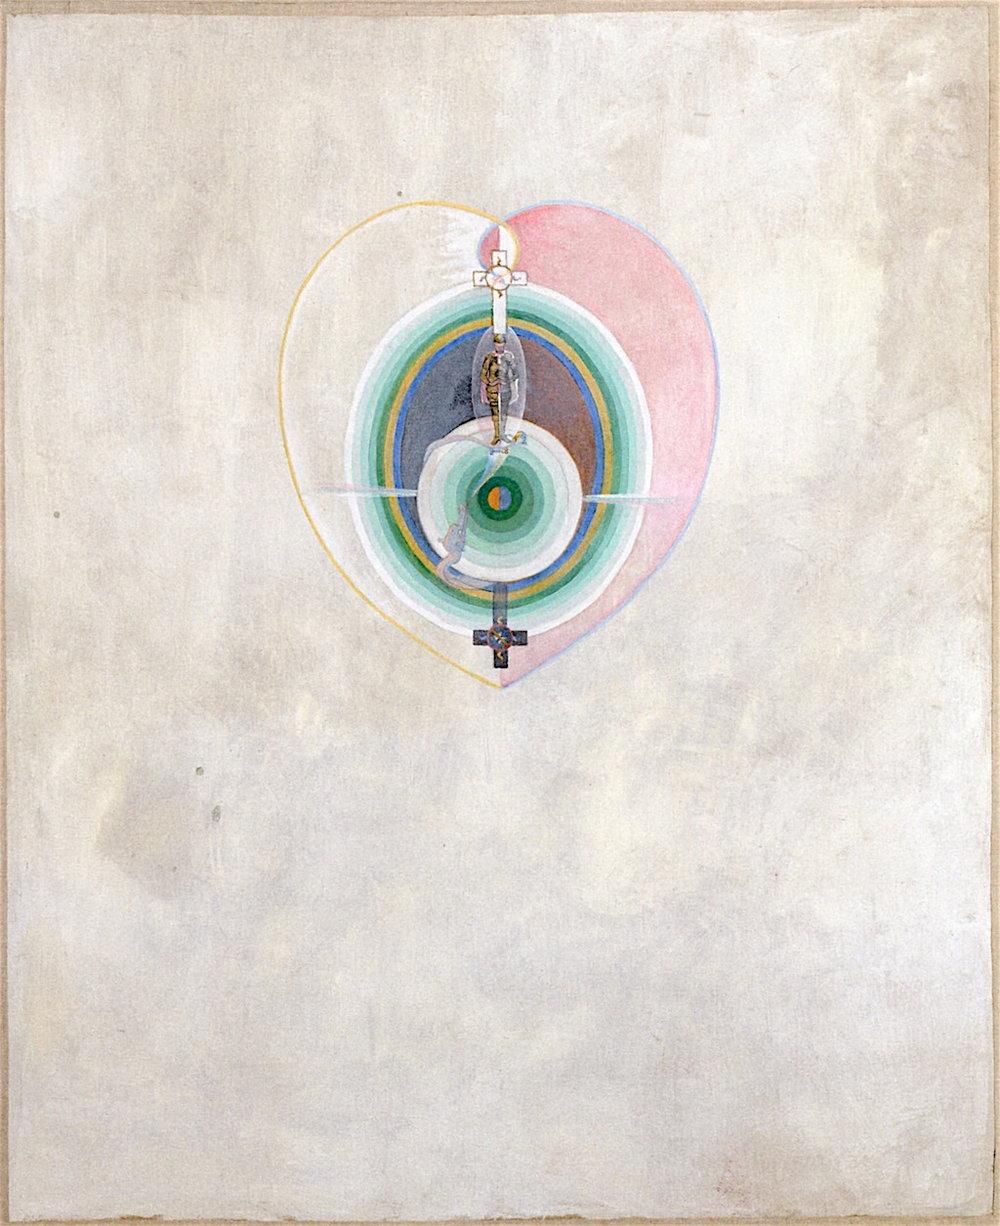 Hilma af Klint, The Dove, no. 11